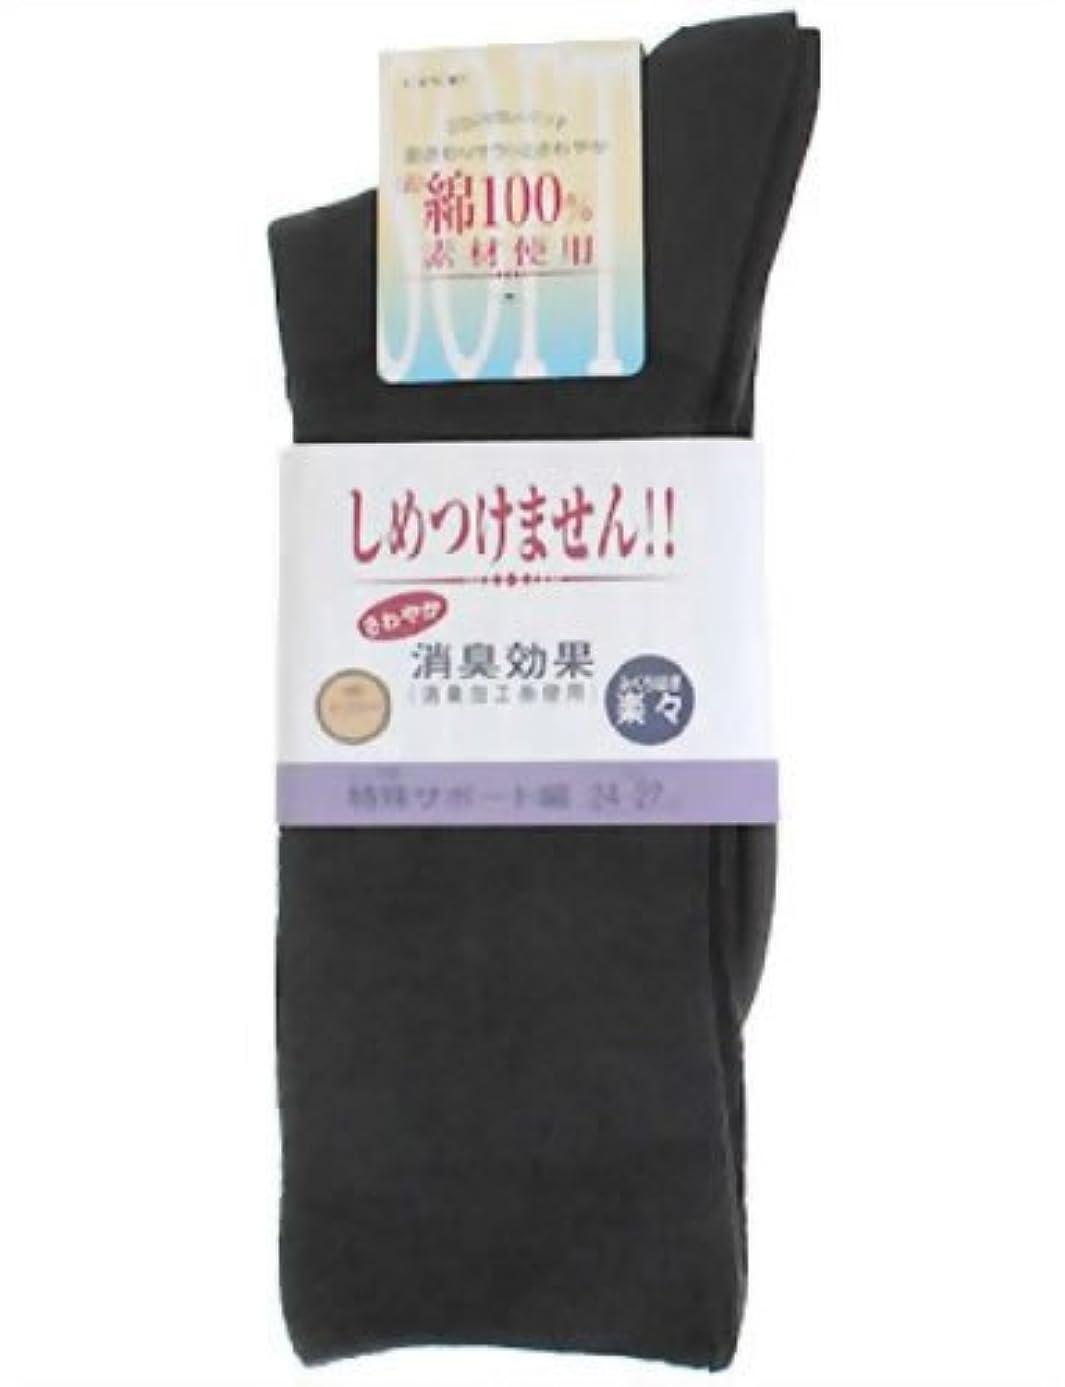 シャベル九時四十五分広くコベス 紳士用 ふくらはぎ楽らくソックス(綿混) ダークグレー 24-27cm